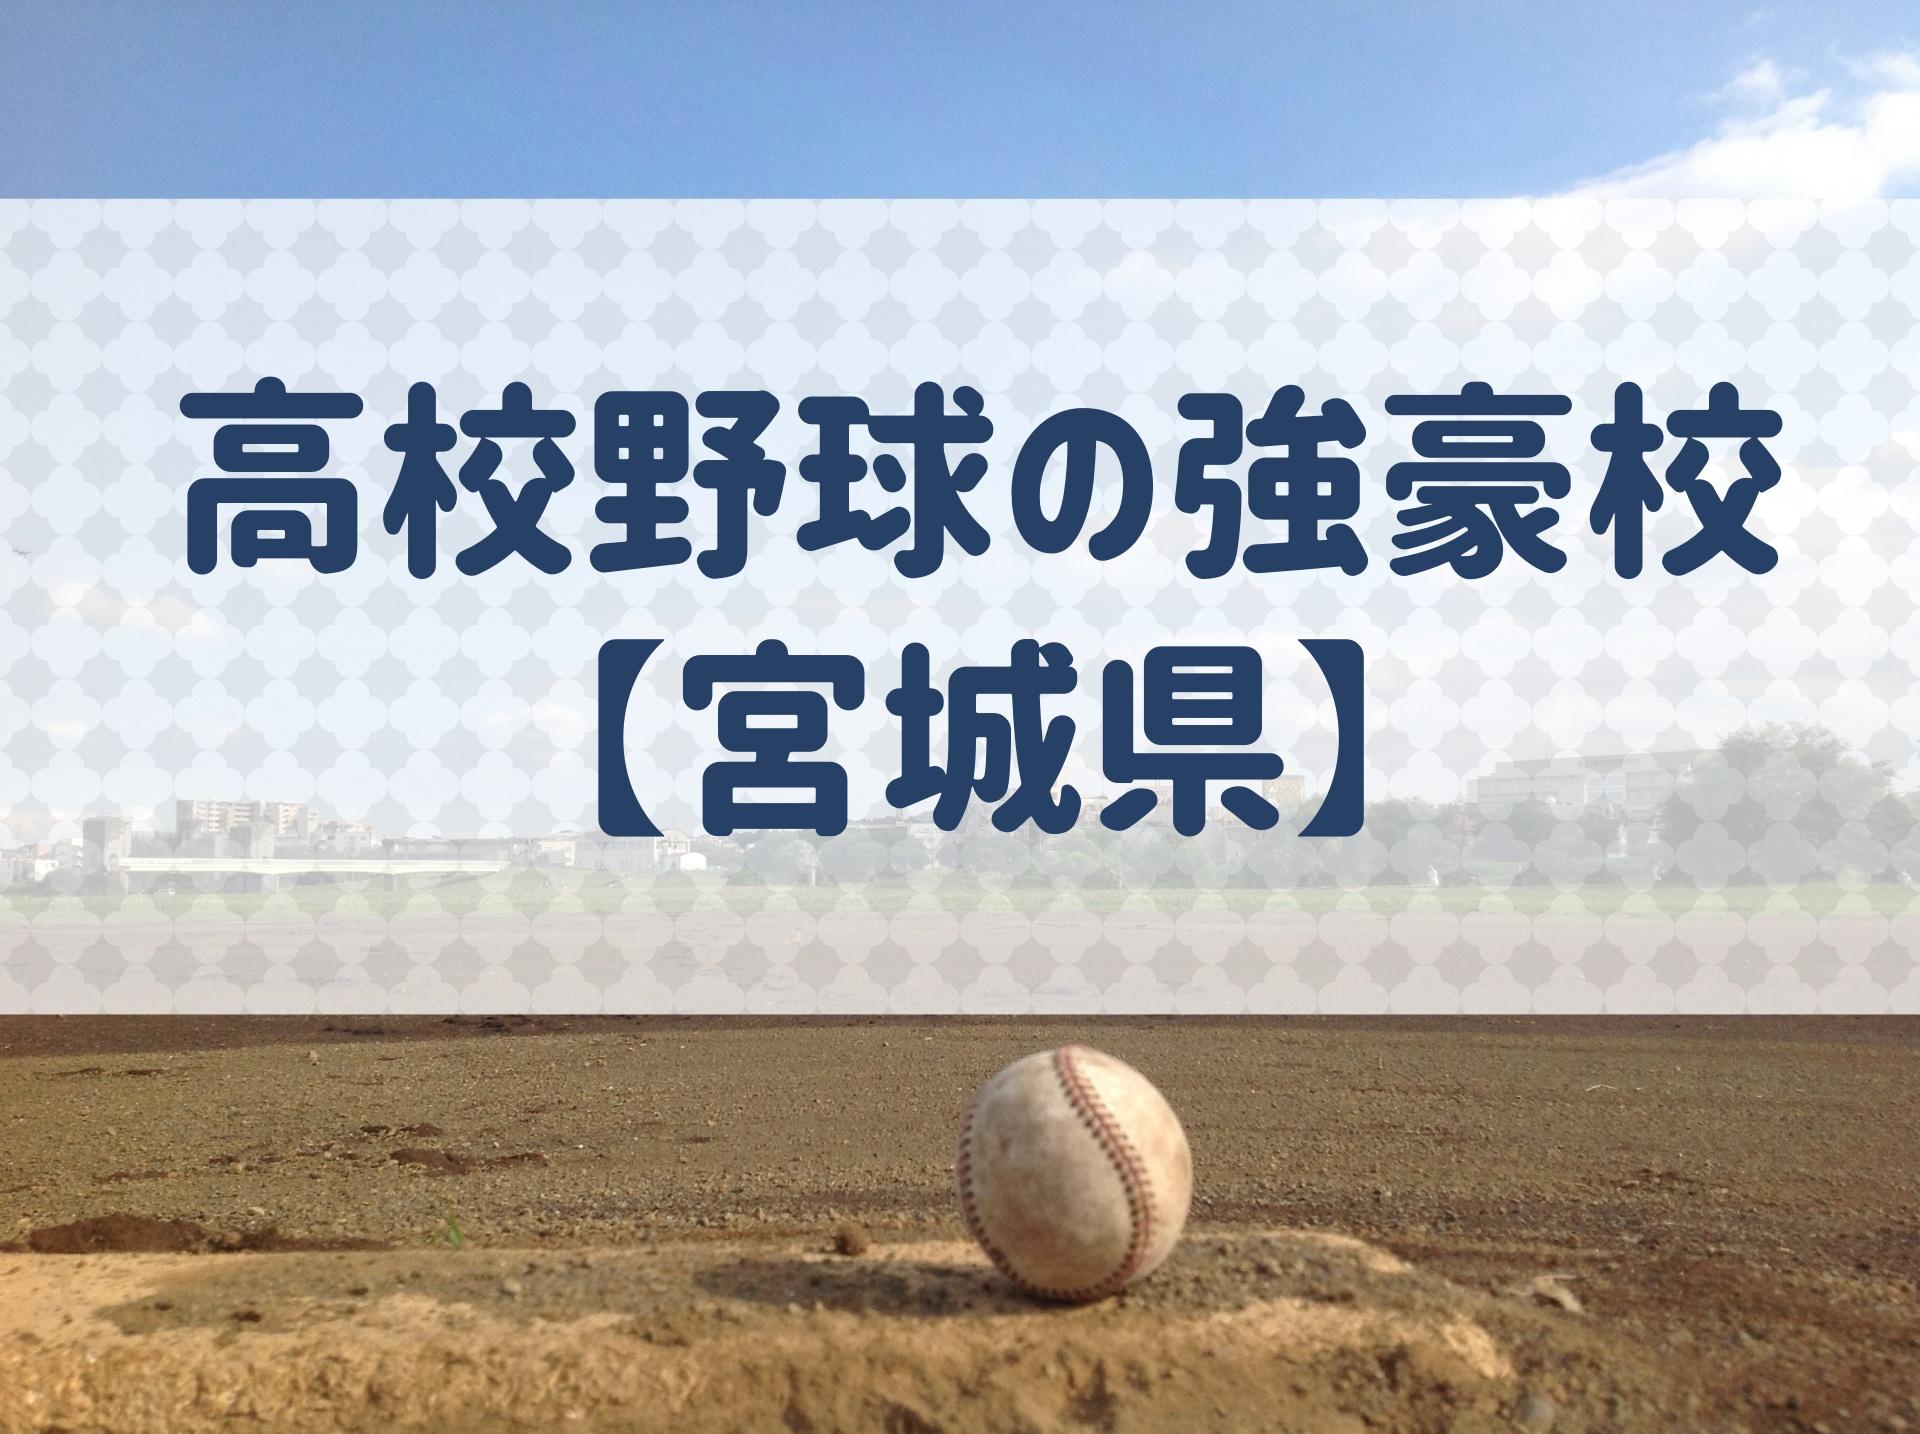 野球 熊本 サイ 爆 高校 県 高校 野球